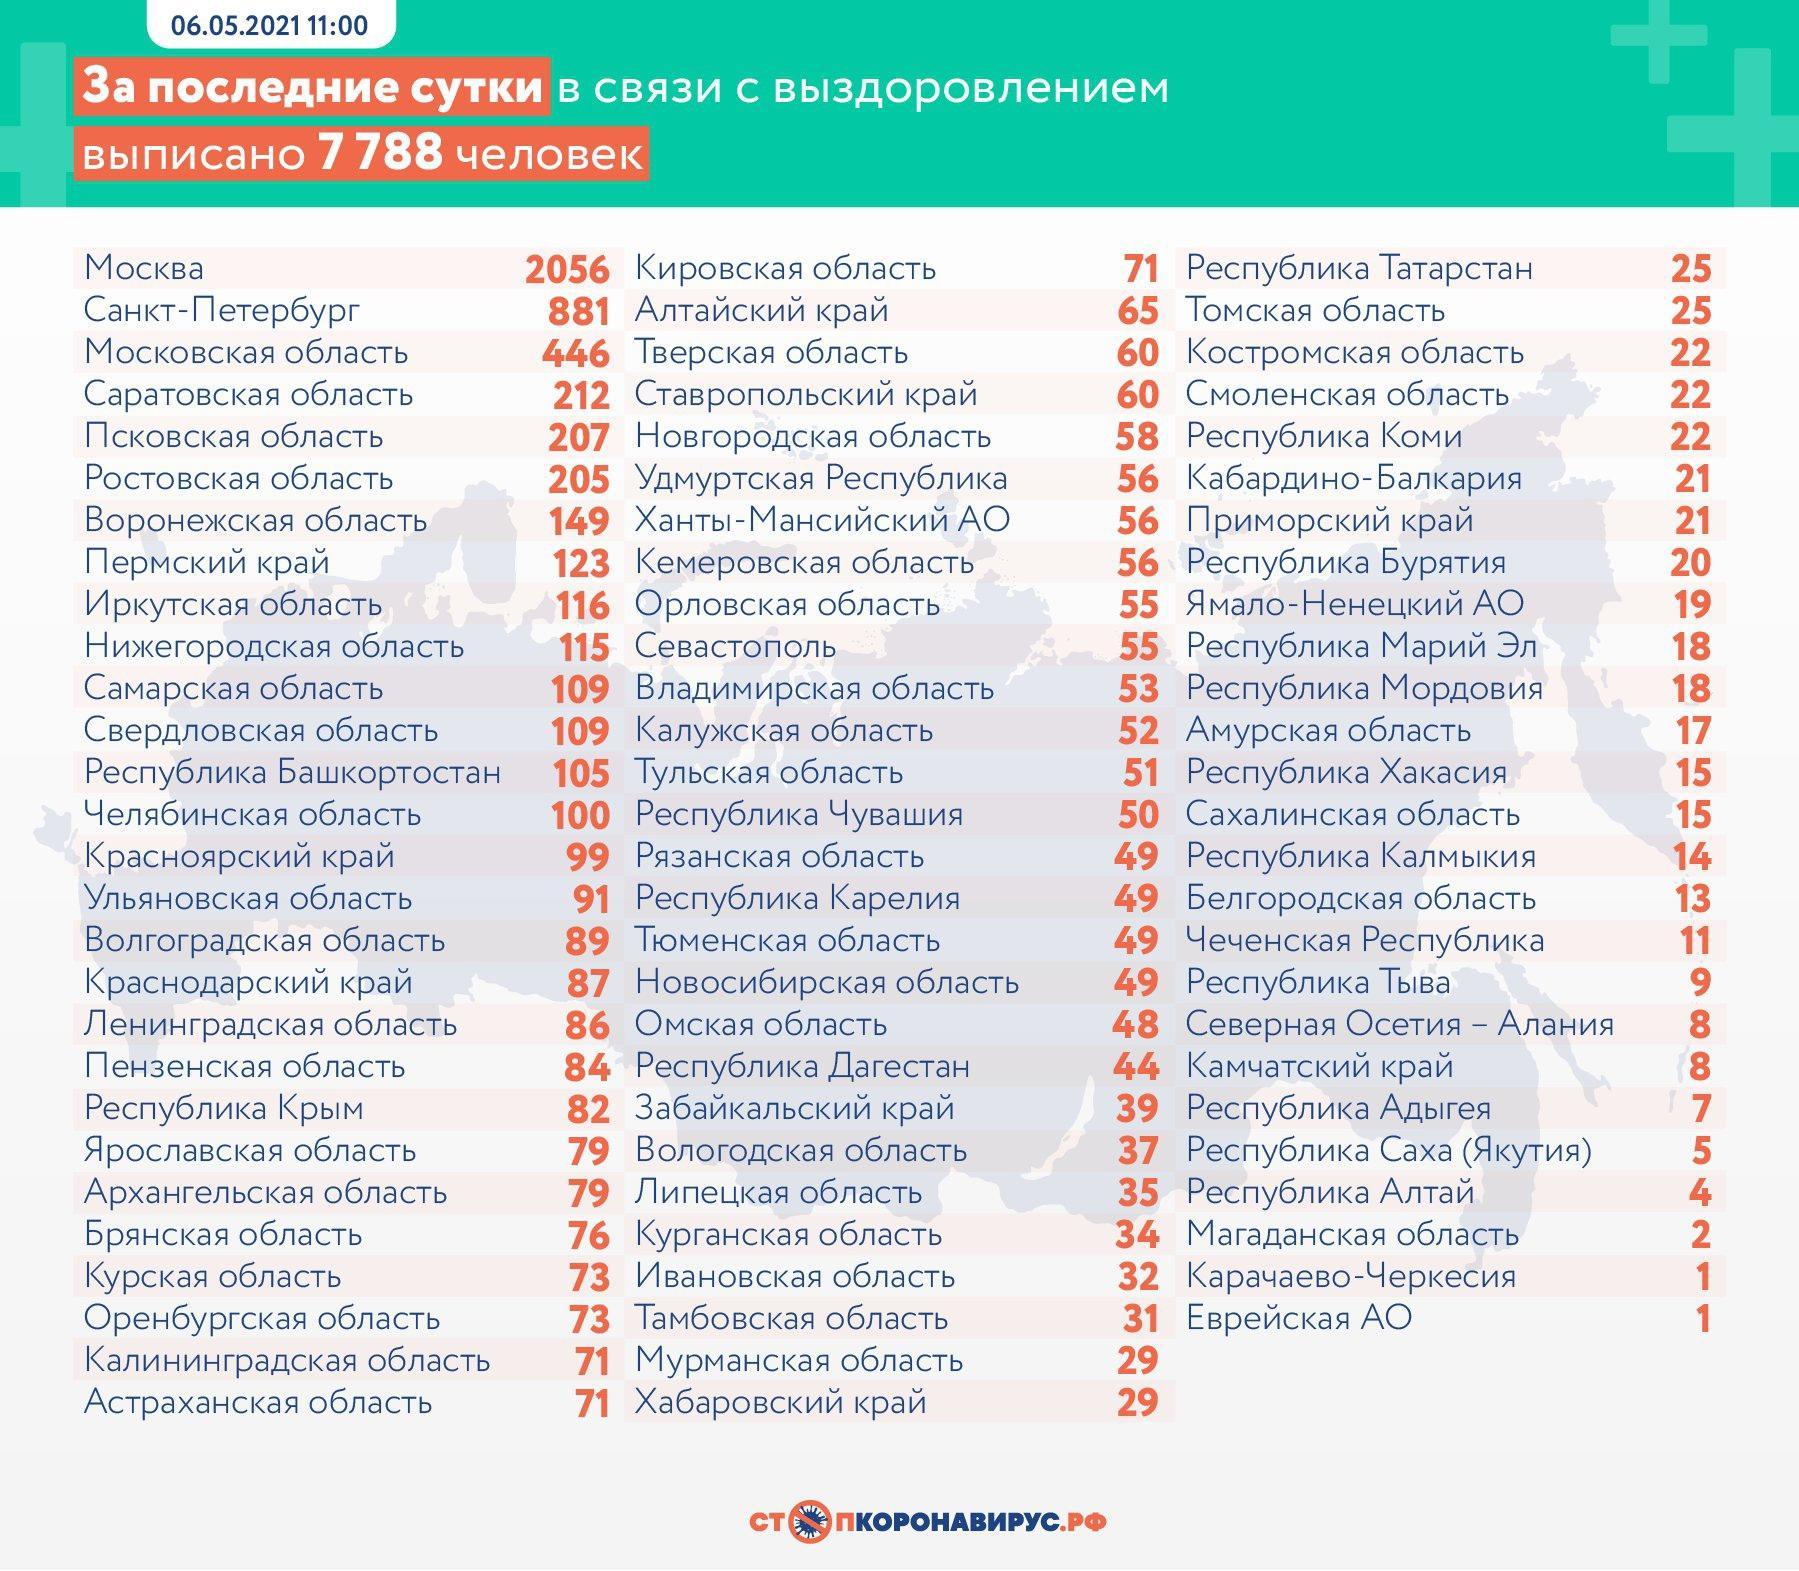 фото 351 человек умер от коронавируса в России за сутки 3